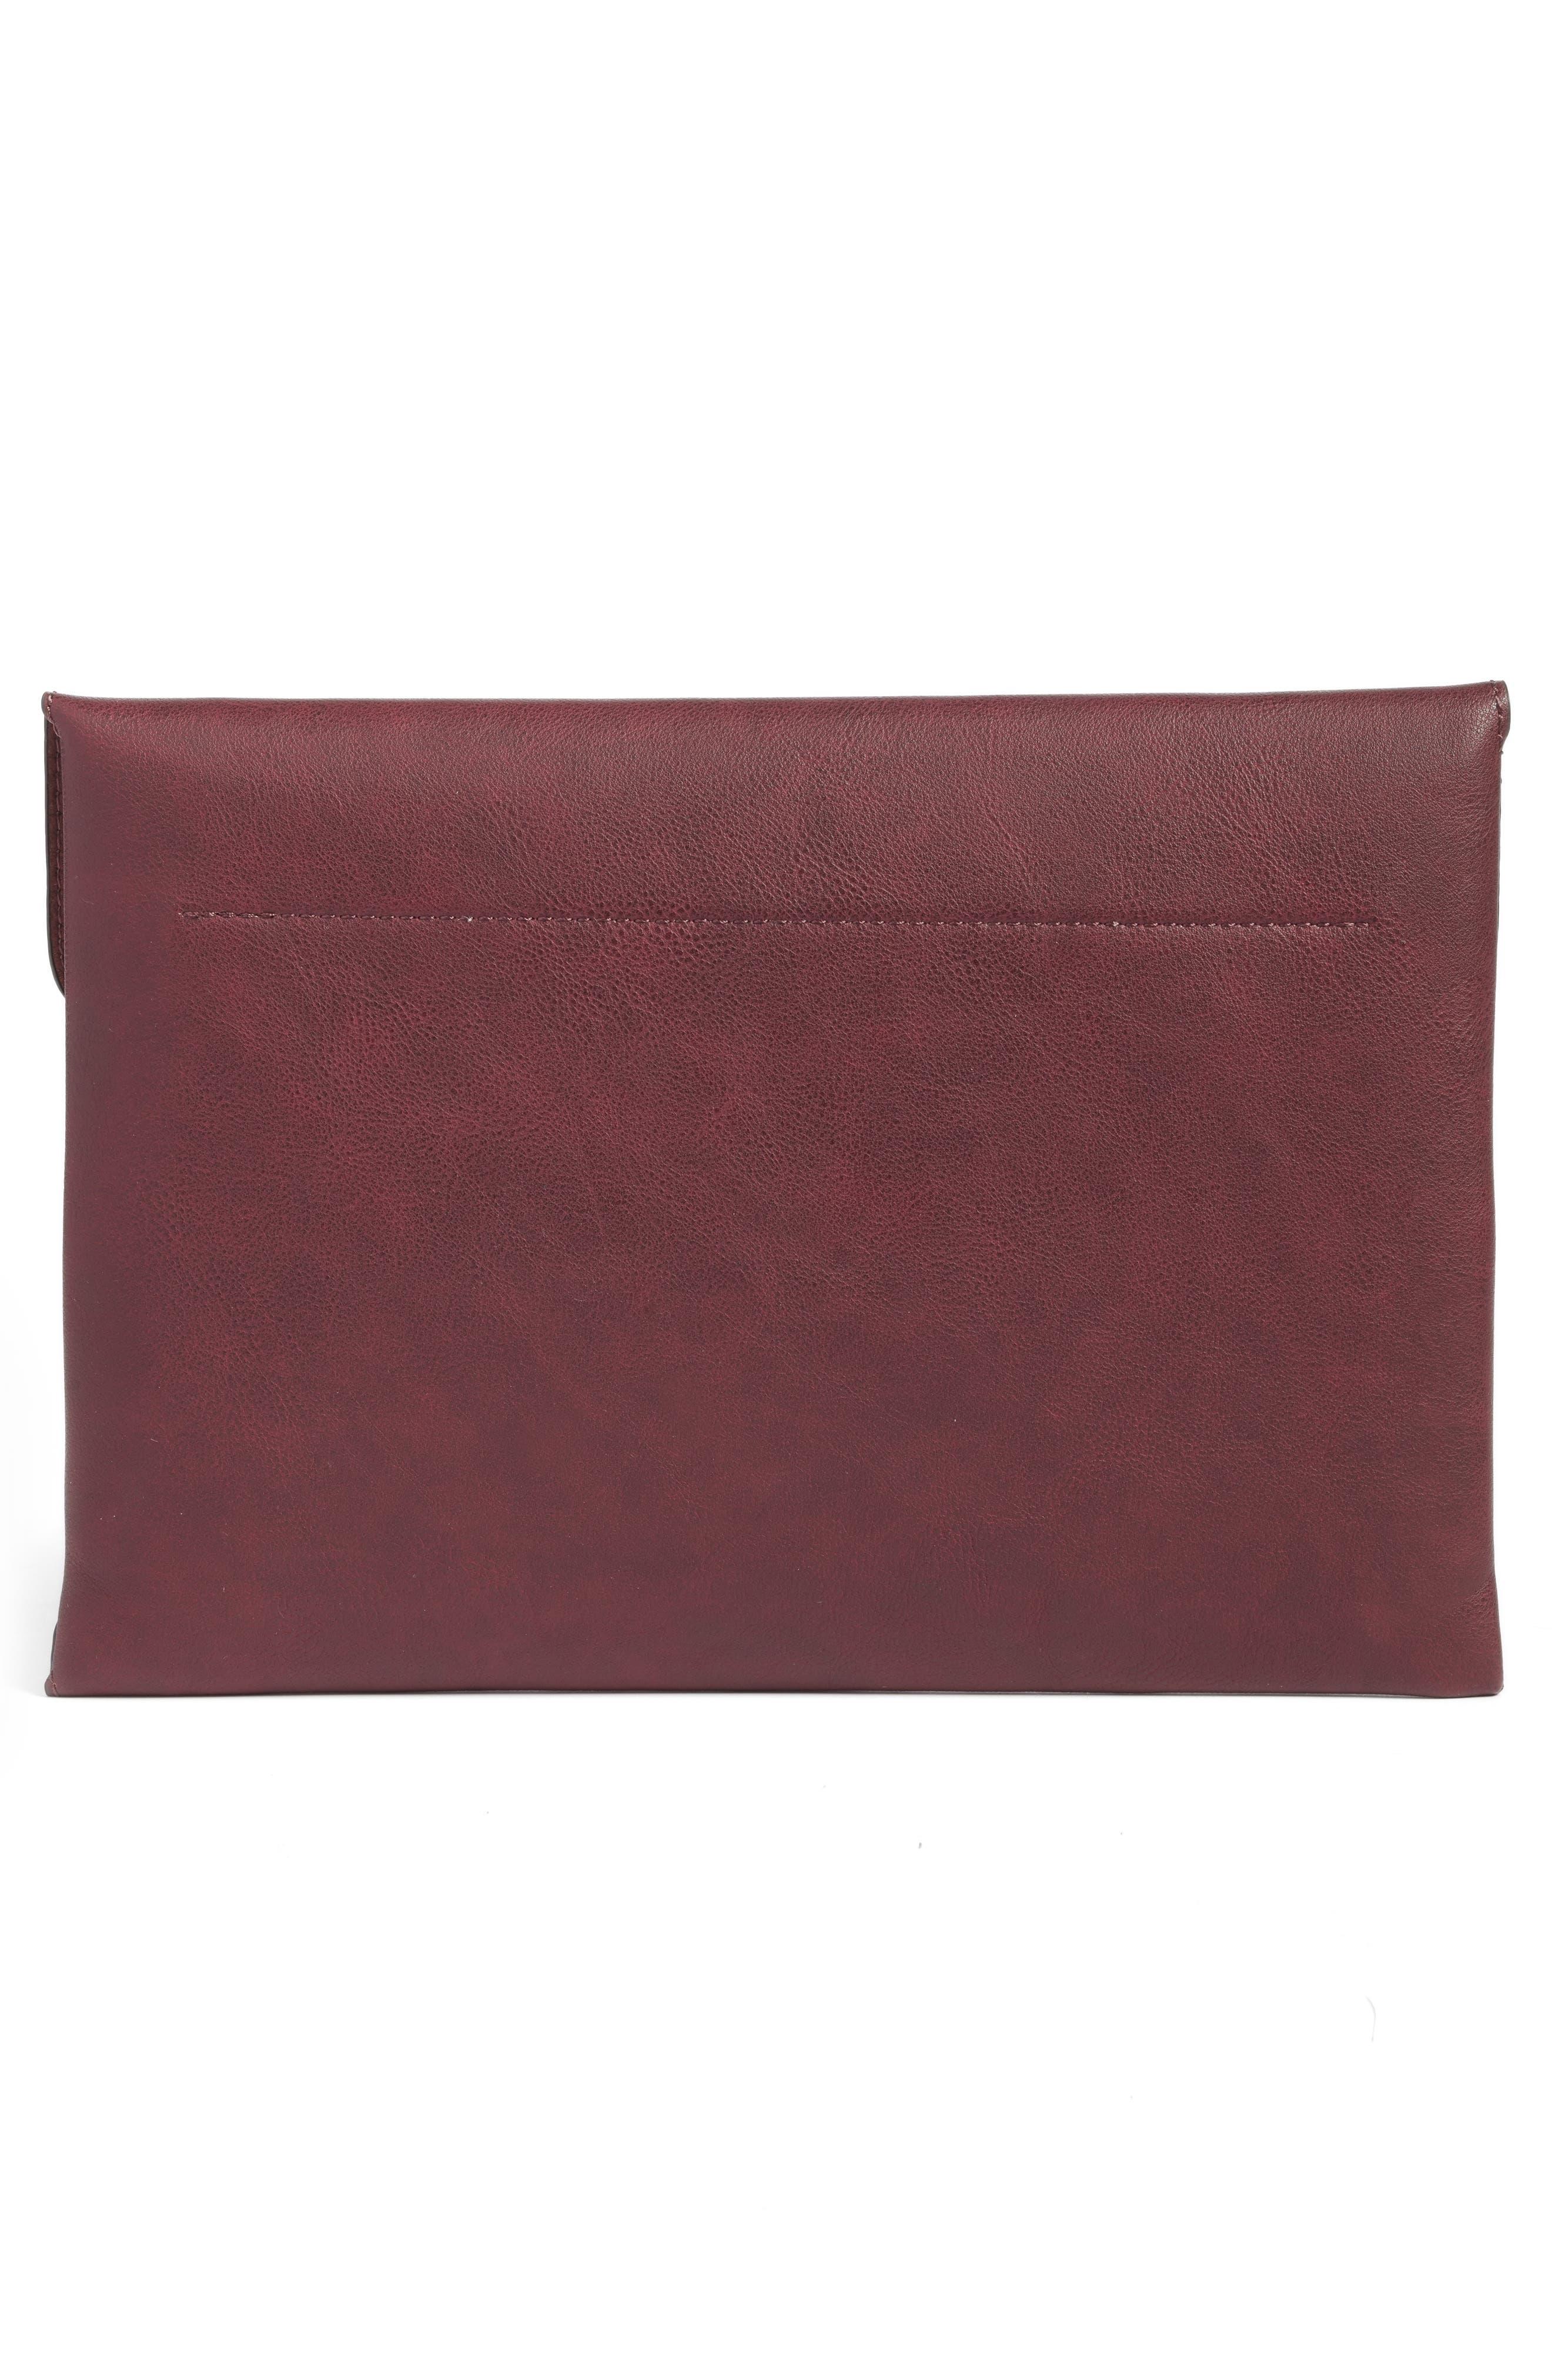 Karen Faux Leather Envelope Clutch,                             Alternate thumbnail 9, color,